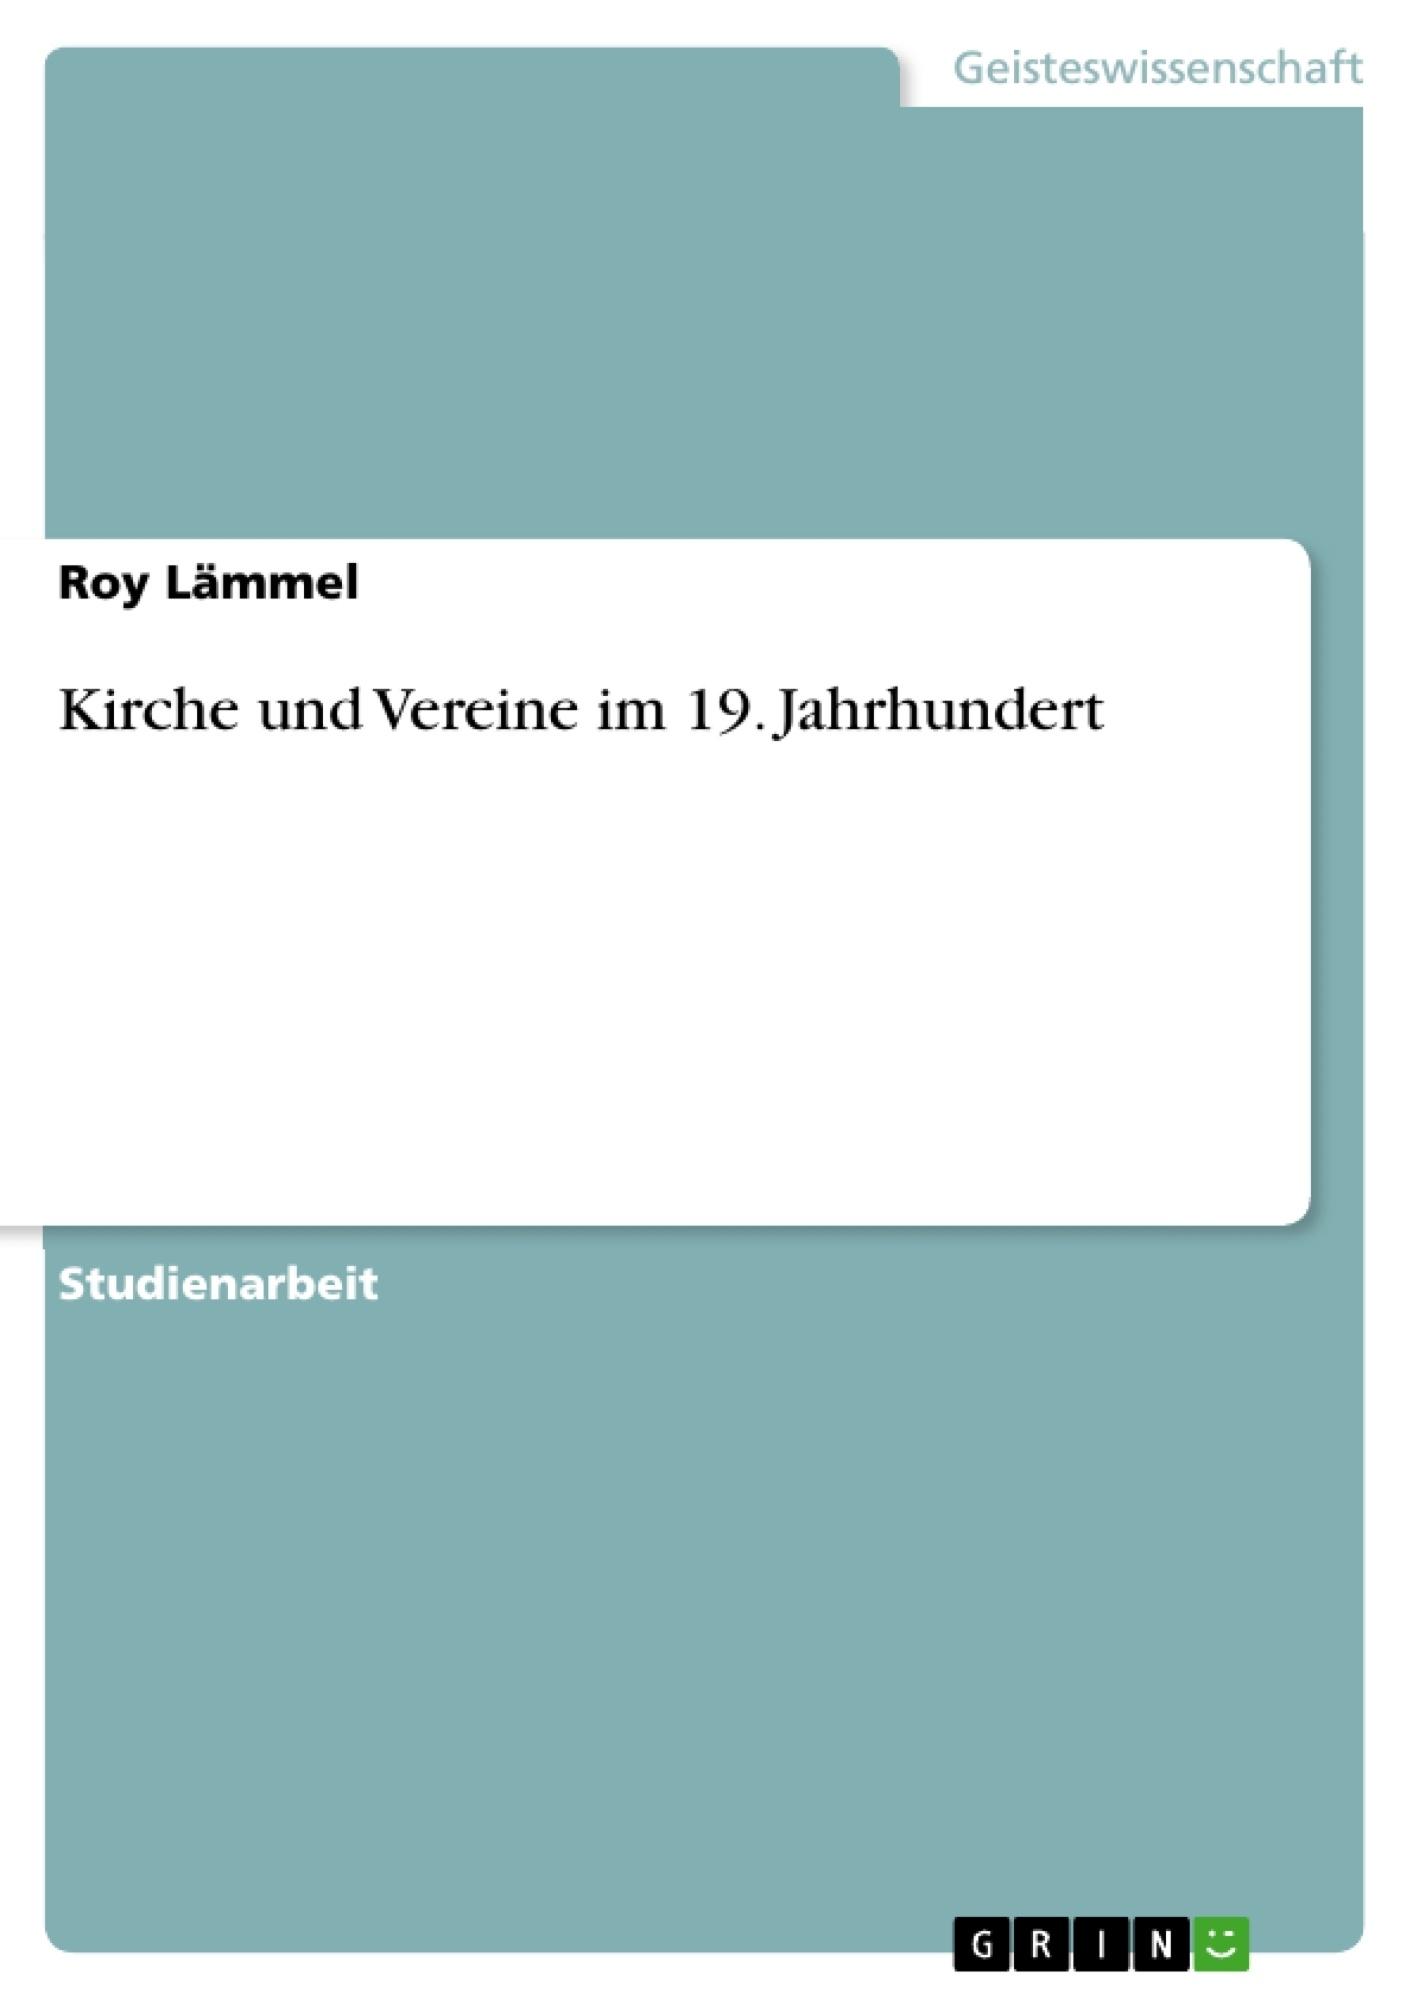 Titel: Kirche und Vereine im 19. Jahrhundert